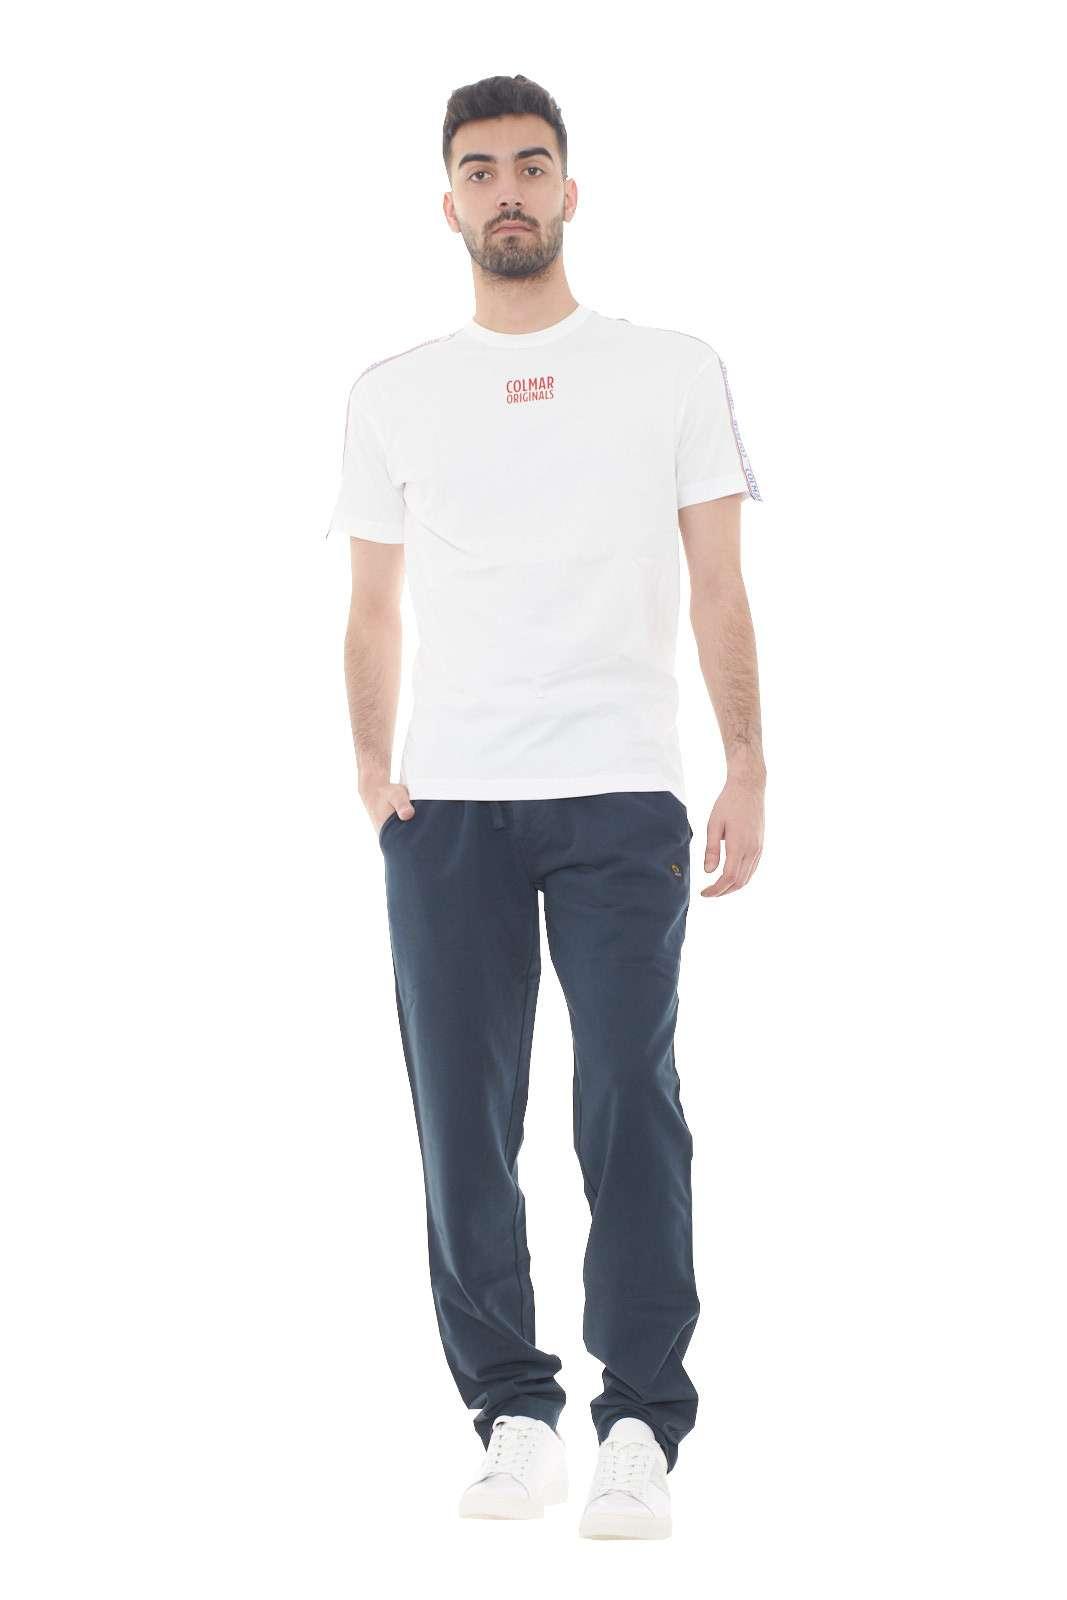 https://www.parmax.com/media/catalog/product/a/i/PE-outlet_parmax-t-shirt-uomo-Colmar-41036SH-D.jpg